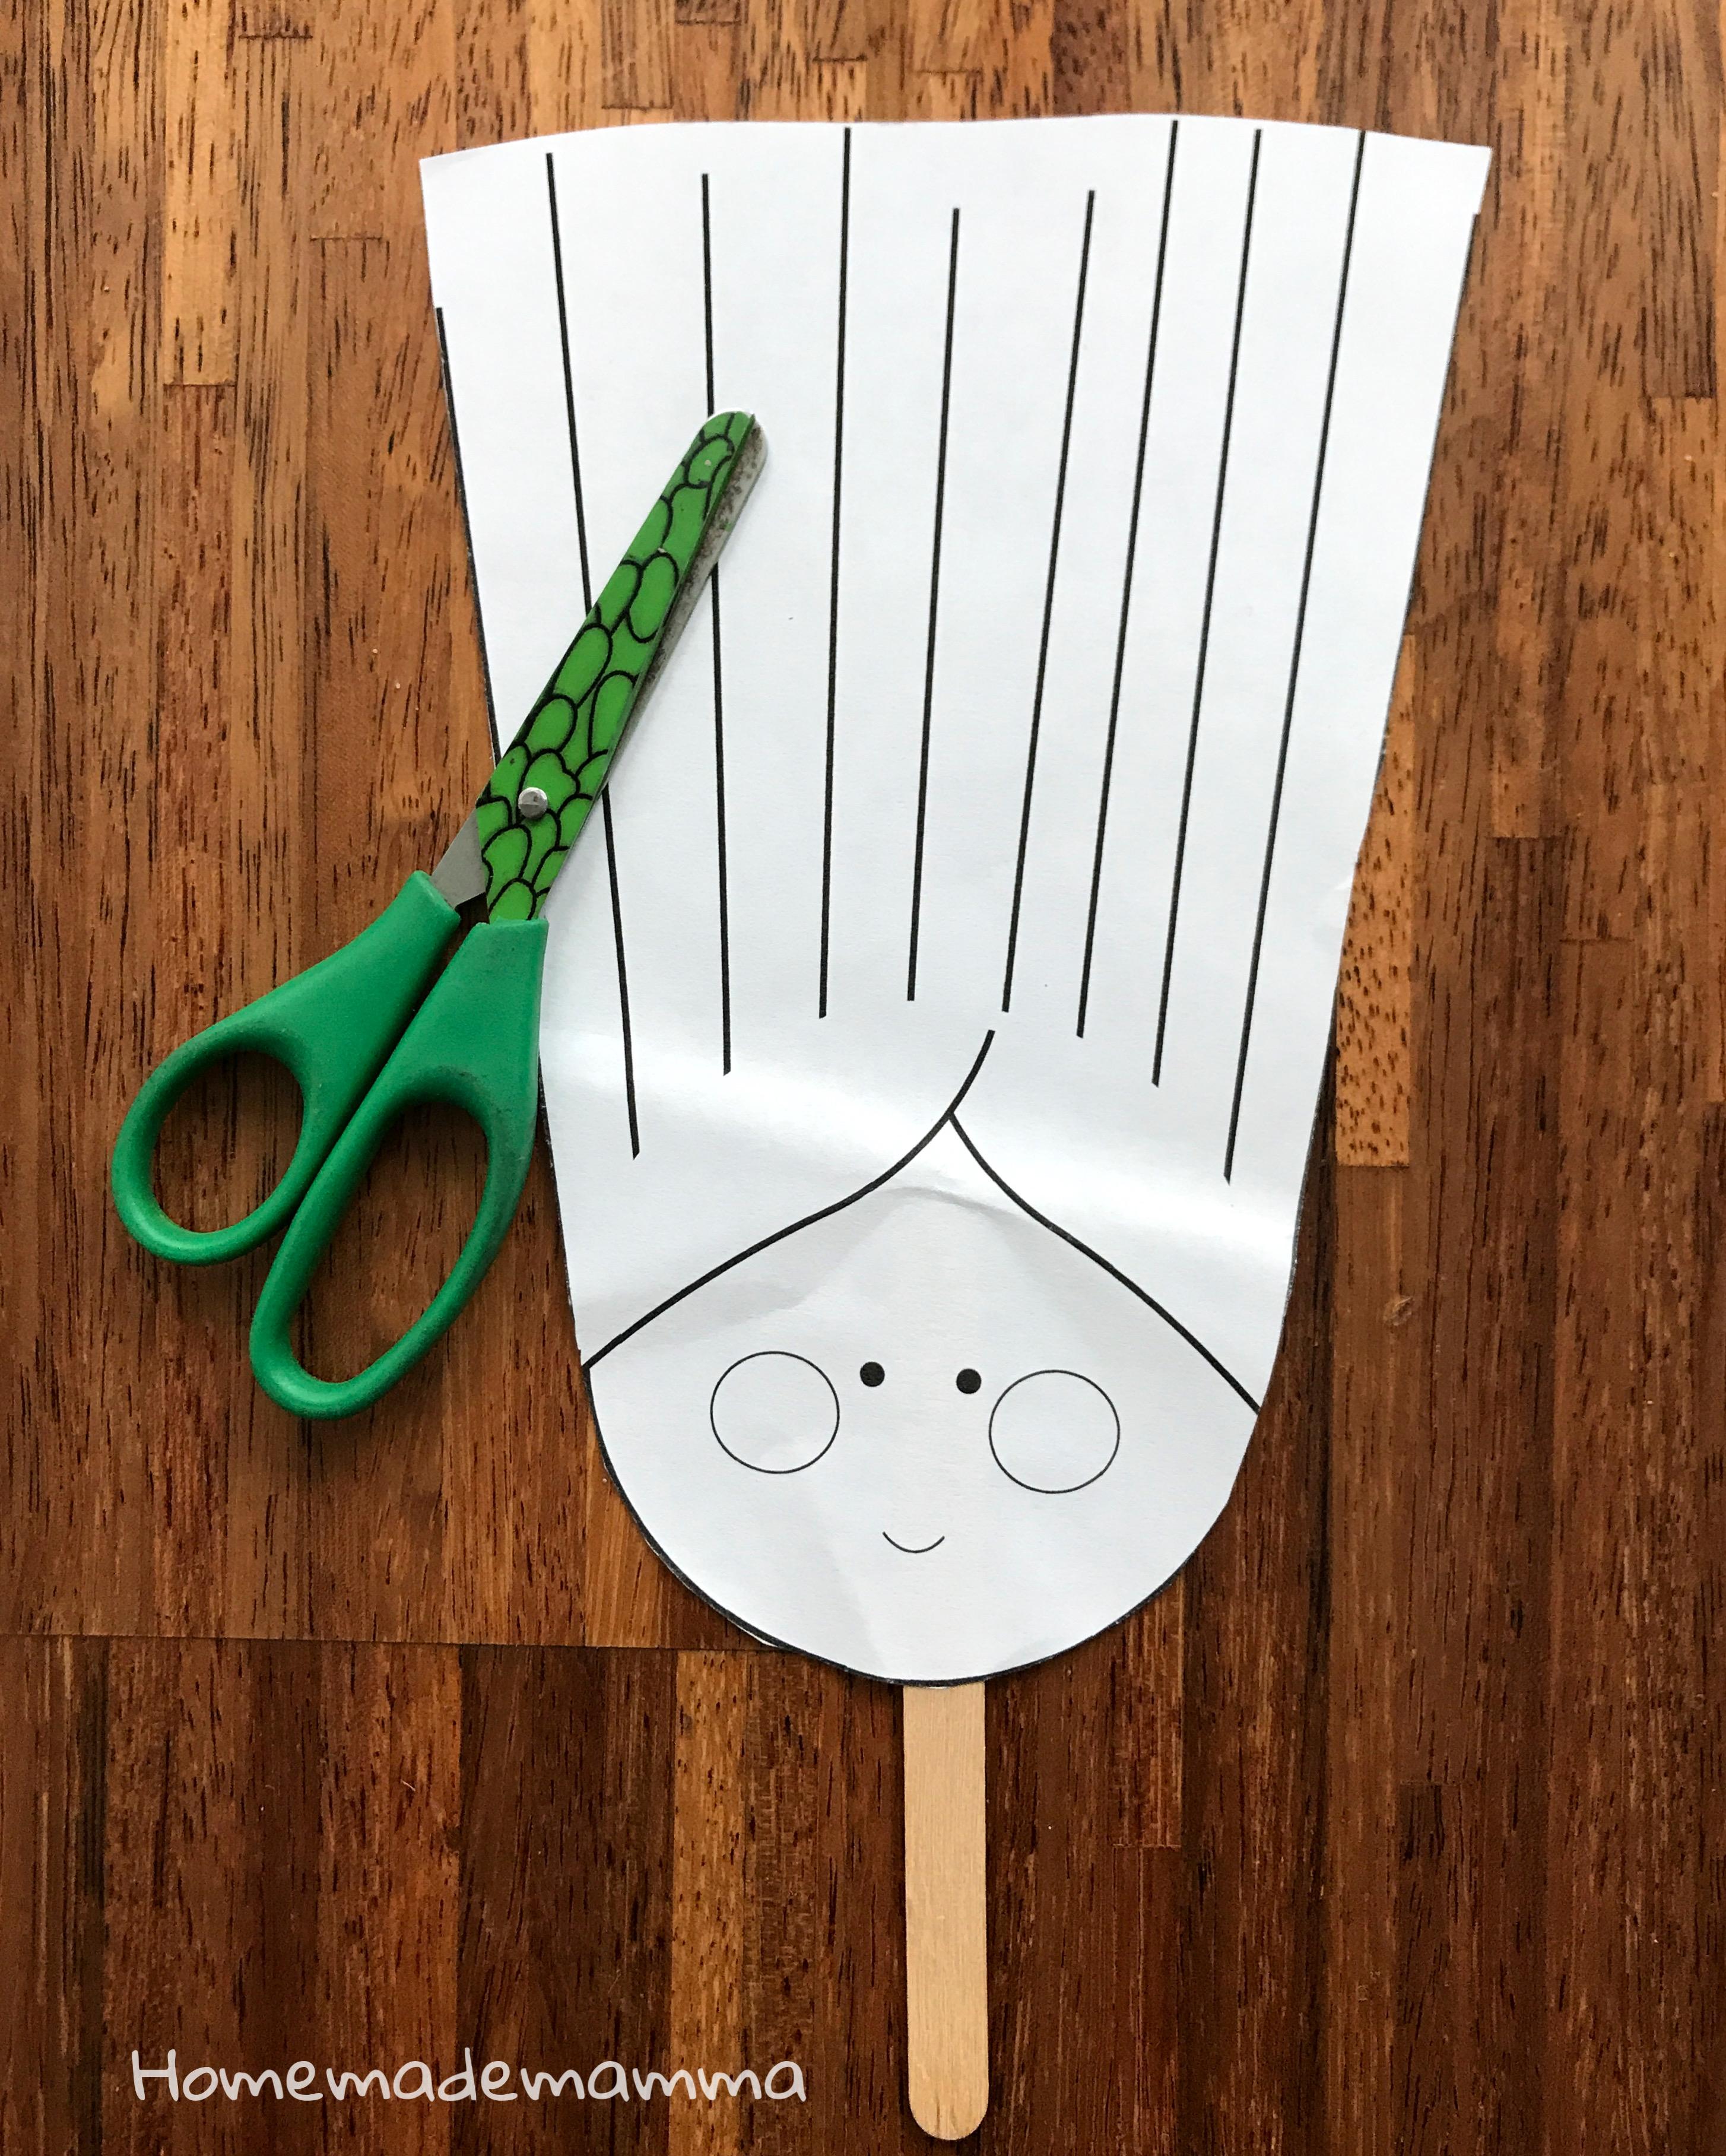 Gioco Parrucchiere da stampare per usare le forbici